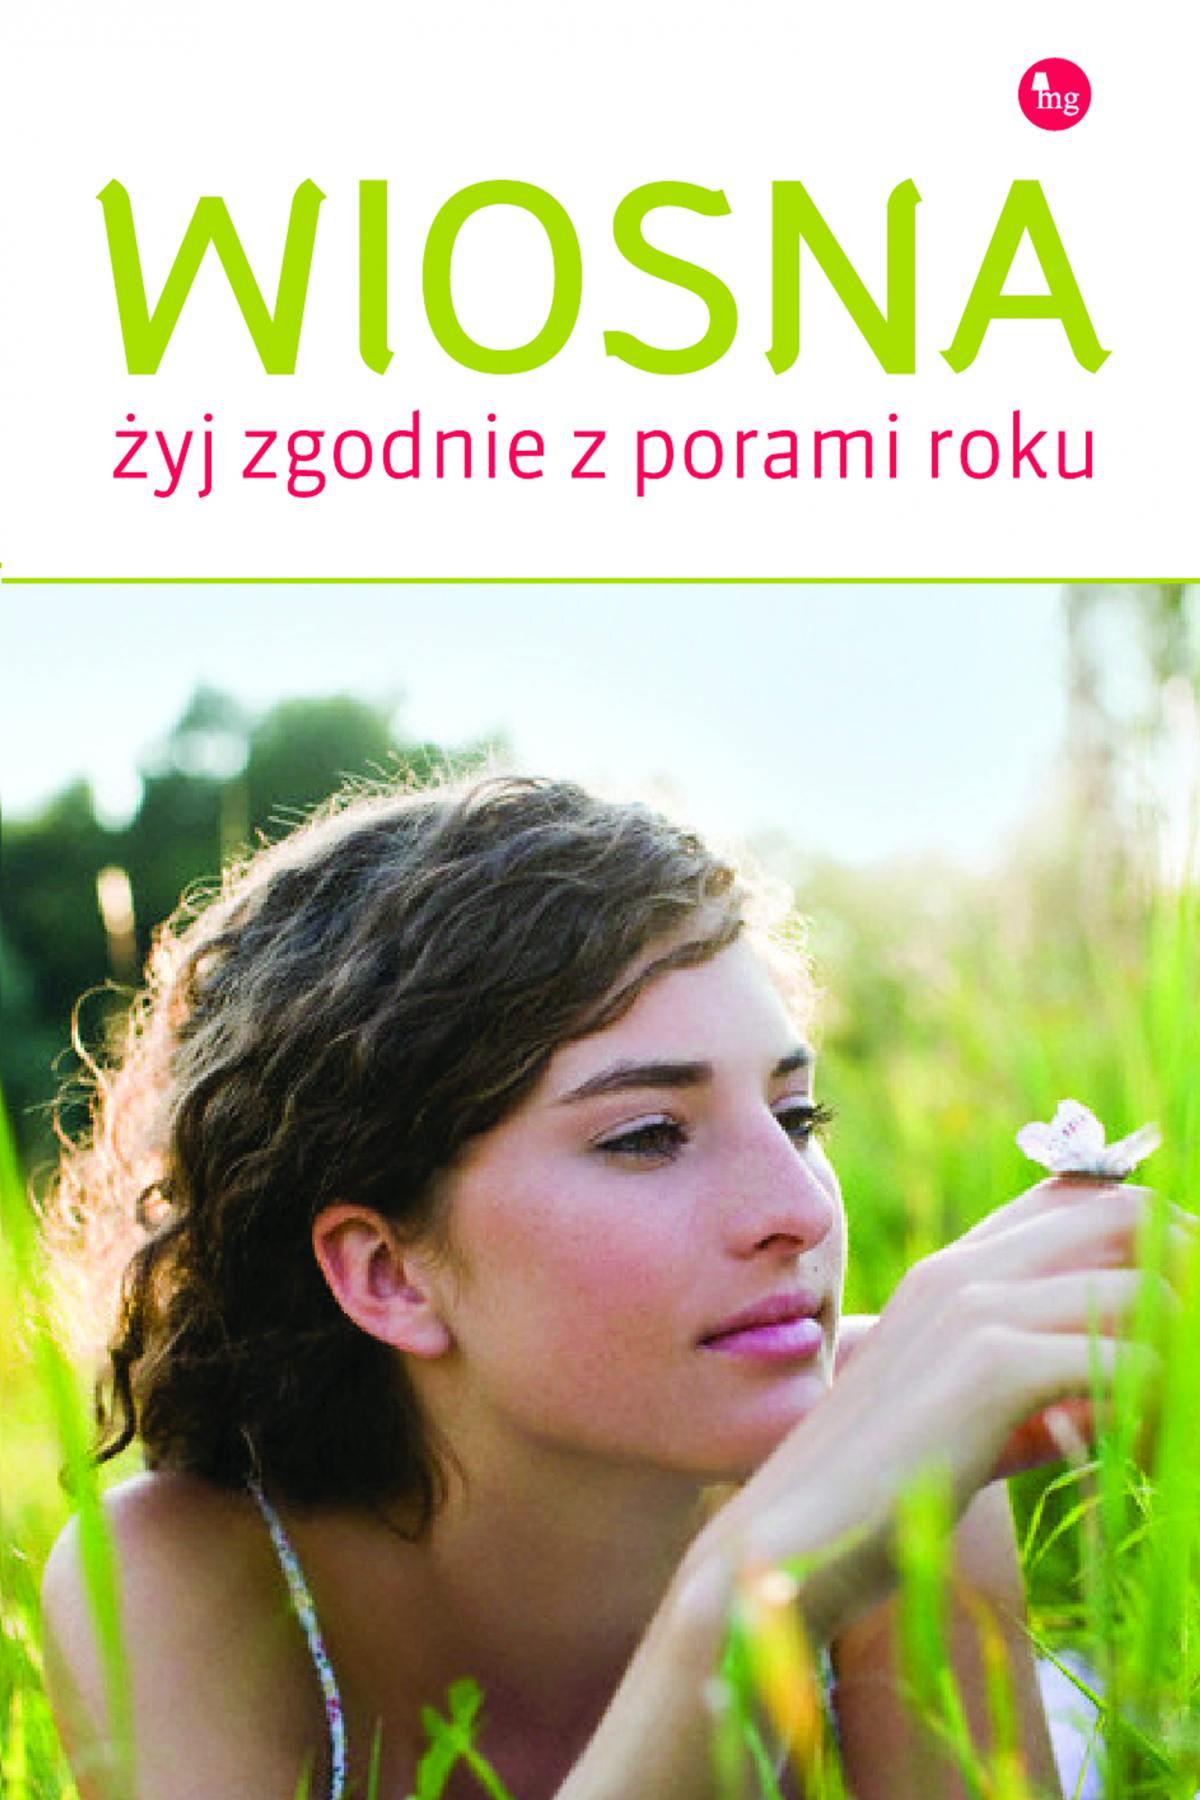 Wiosna. Żyj zgodnie z porami roku - Ebook (Książka EPUB) do pobrania w formacie EPUB